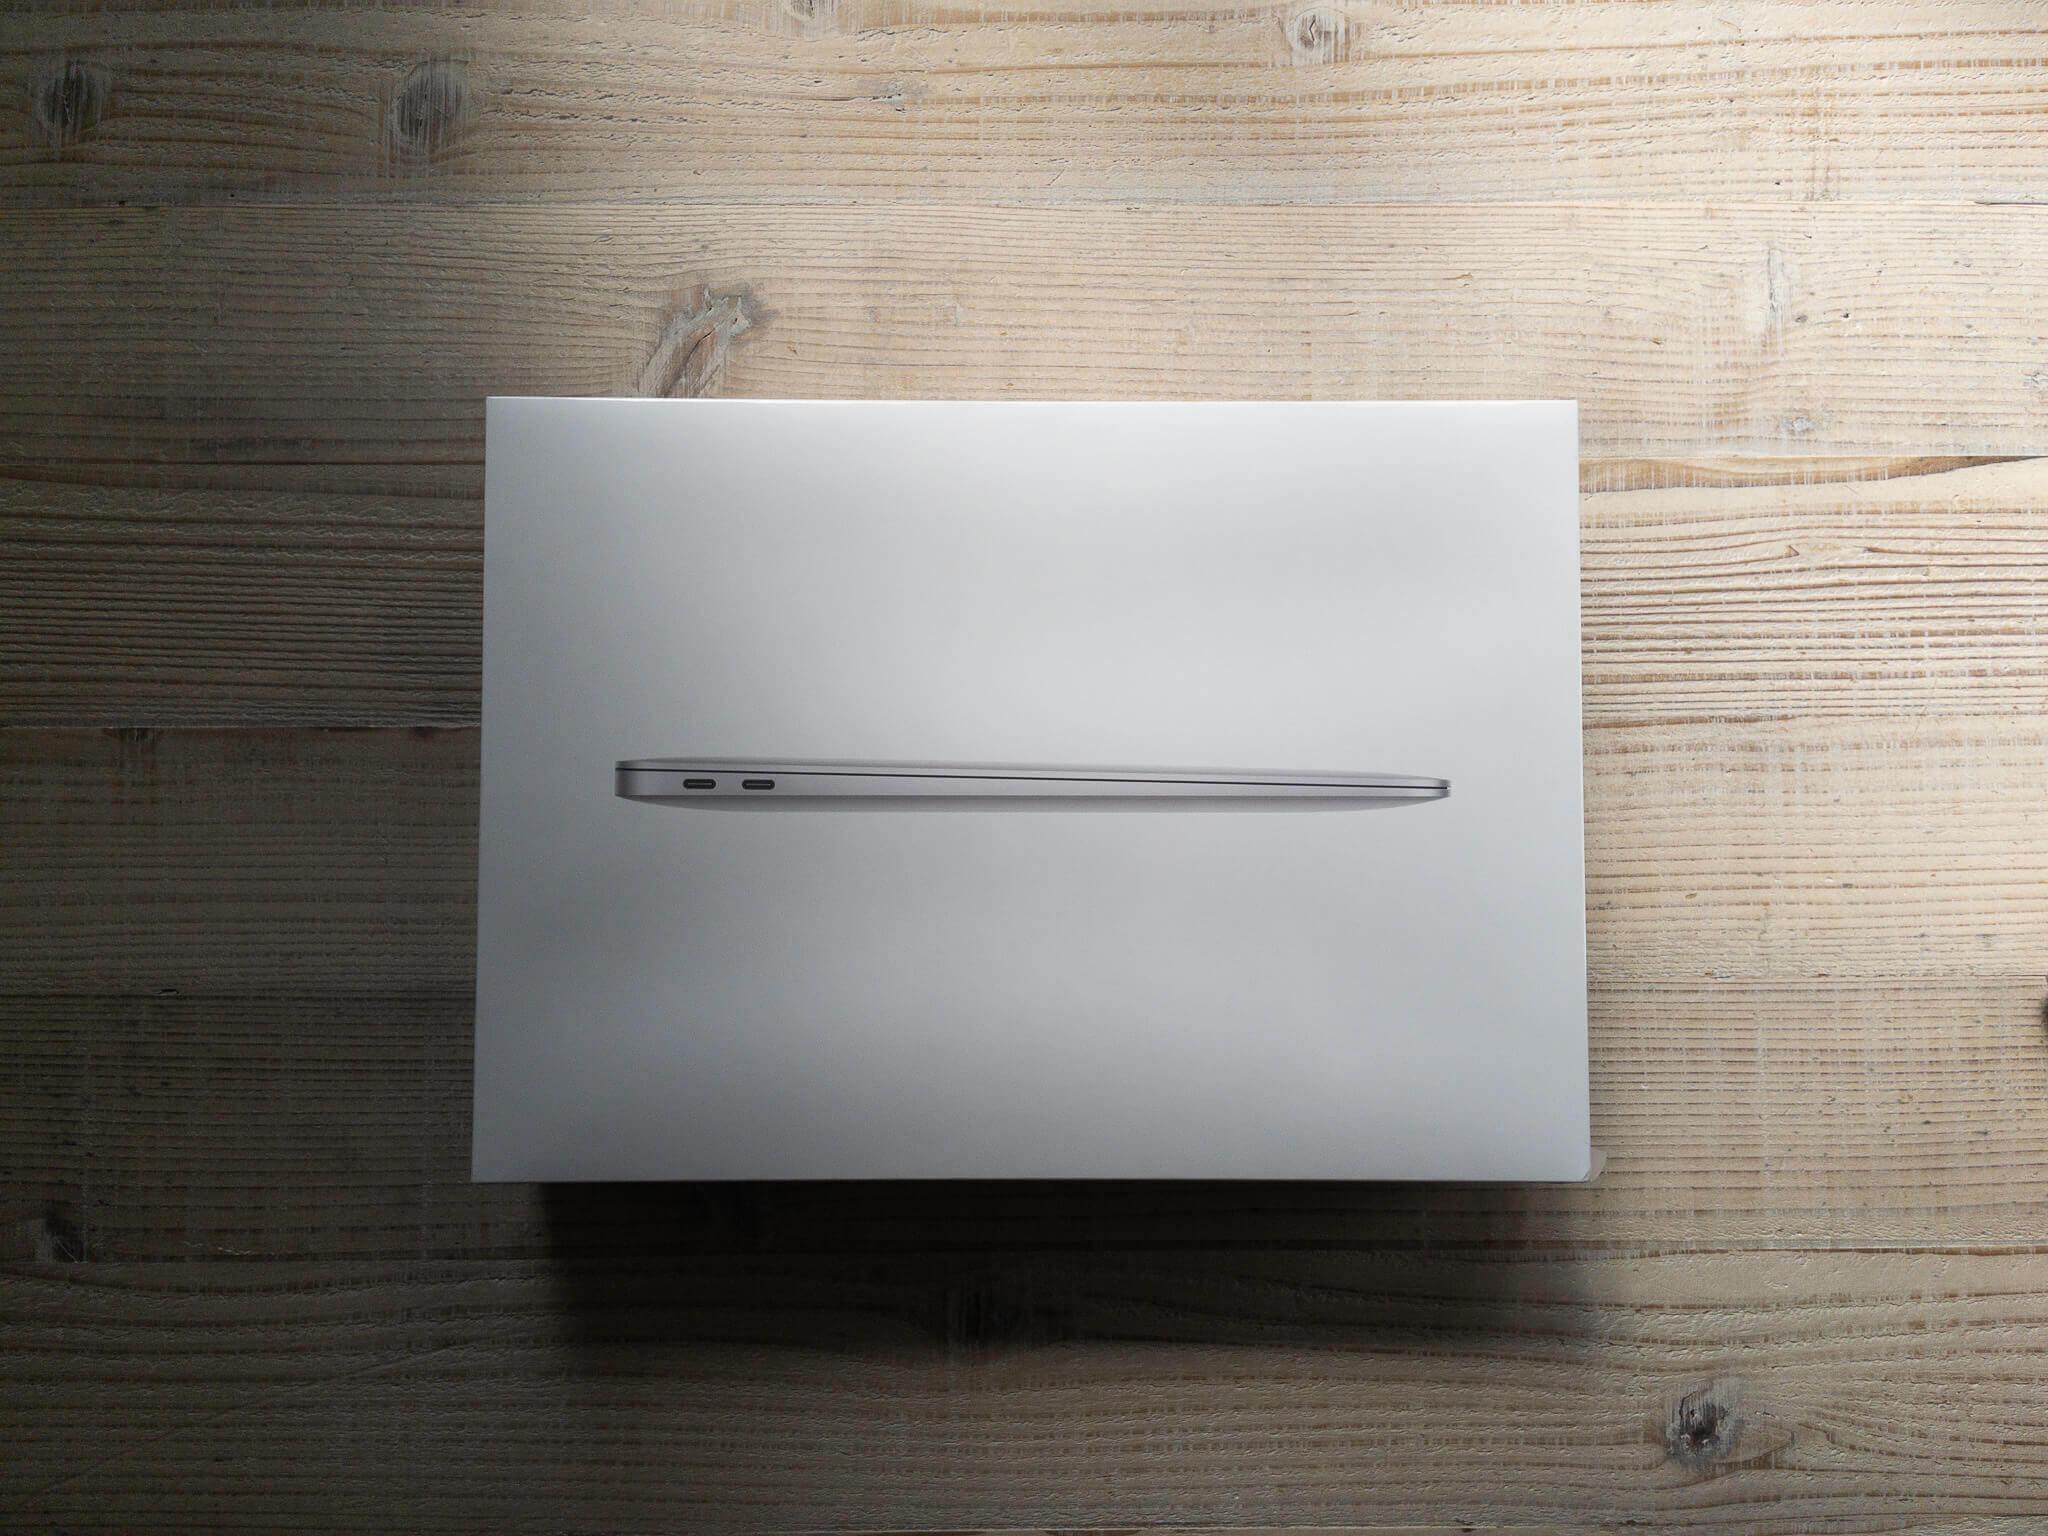 210223 m1 macbook air 8